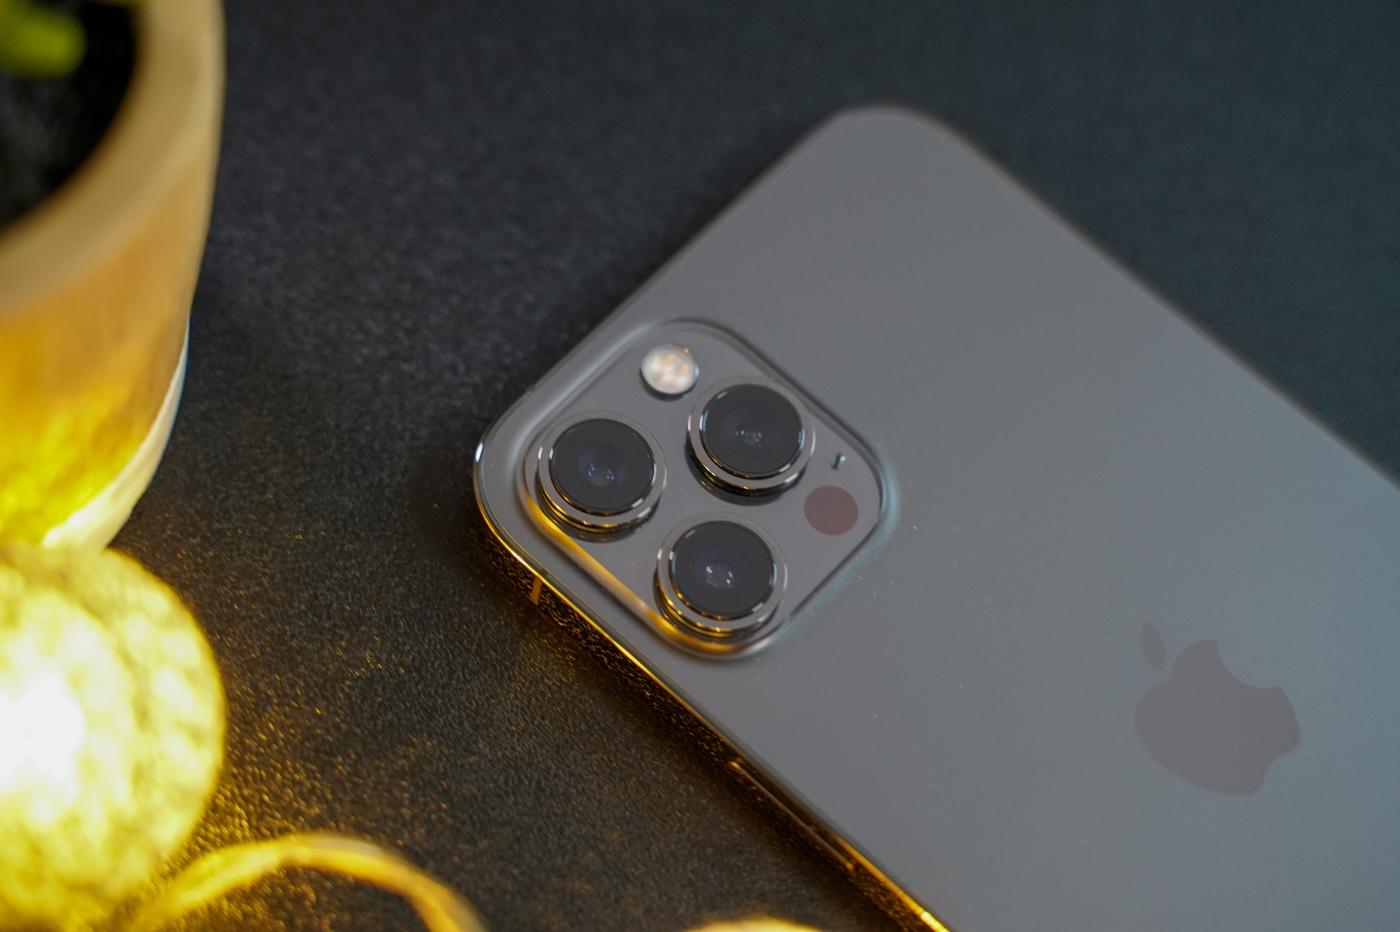 iphone 12 pro max capteurs photo